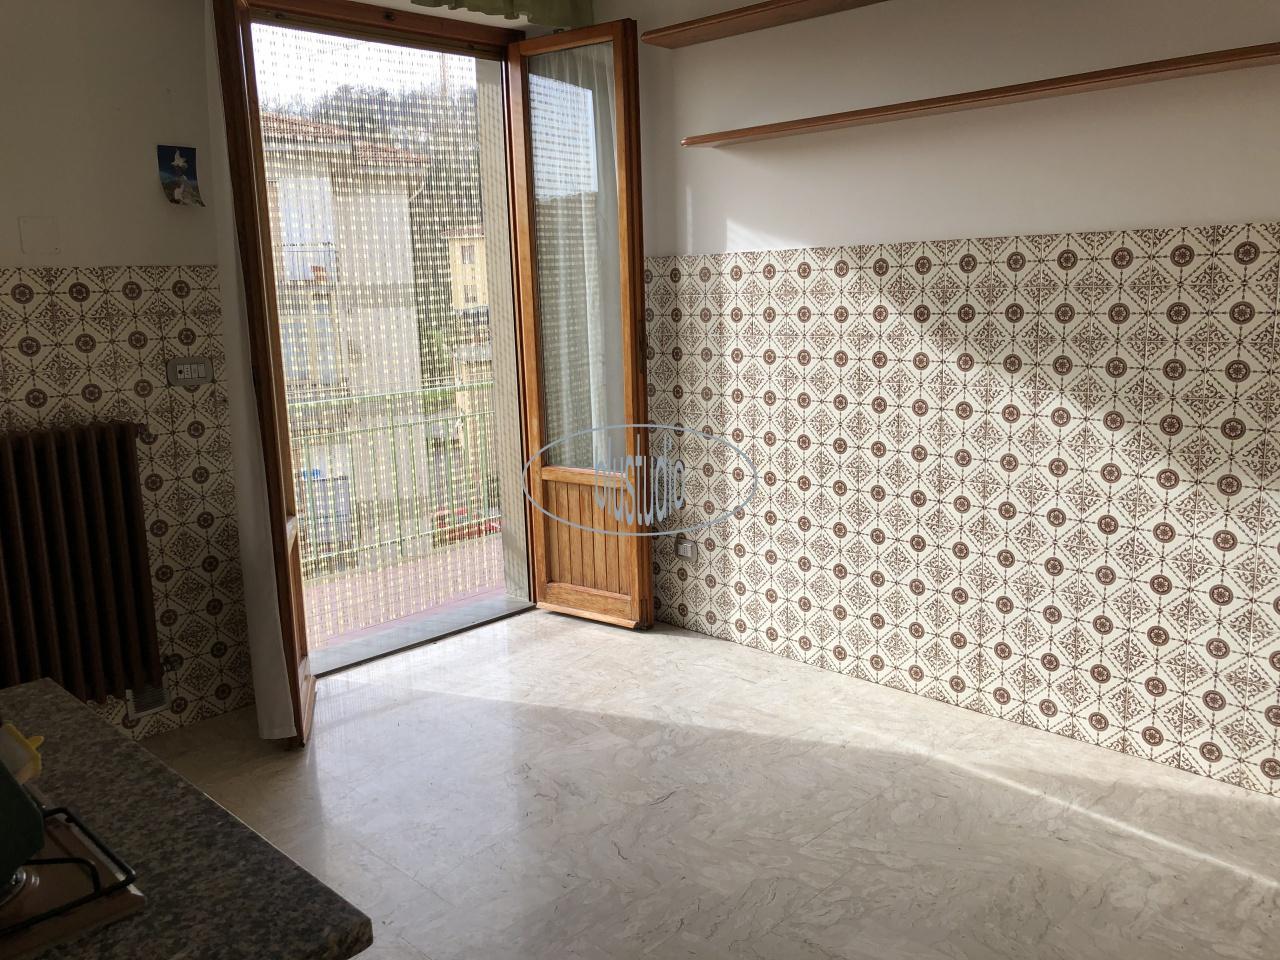 Appartamento in vendita a Figline e Incisa Valdarno, 5 locali, prezzo € 155.000 | PortaleAgenzieImmobiliari.it